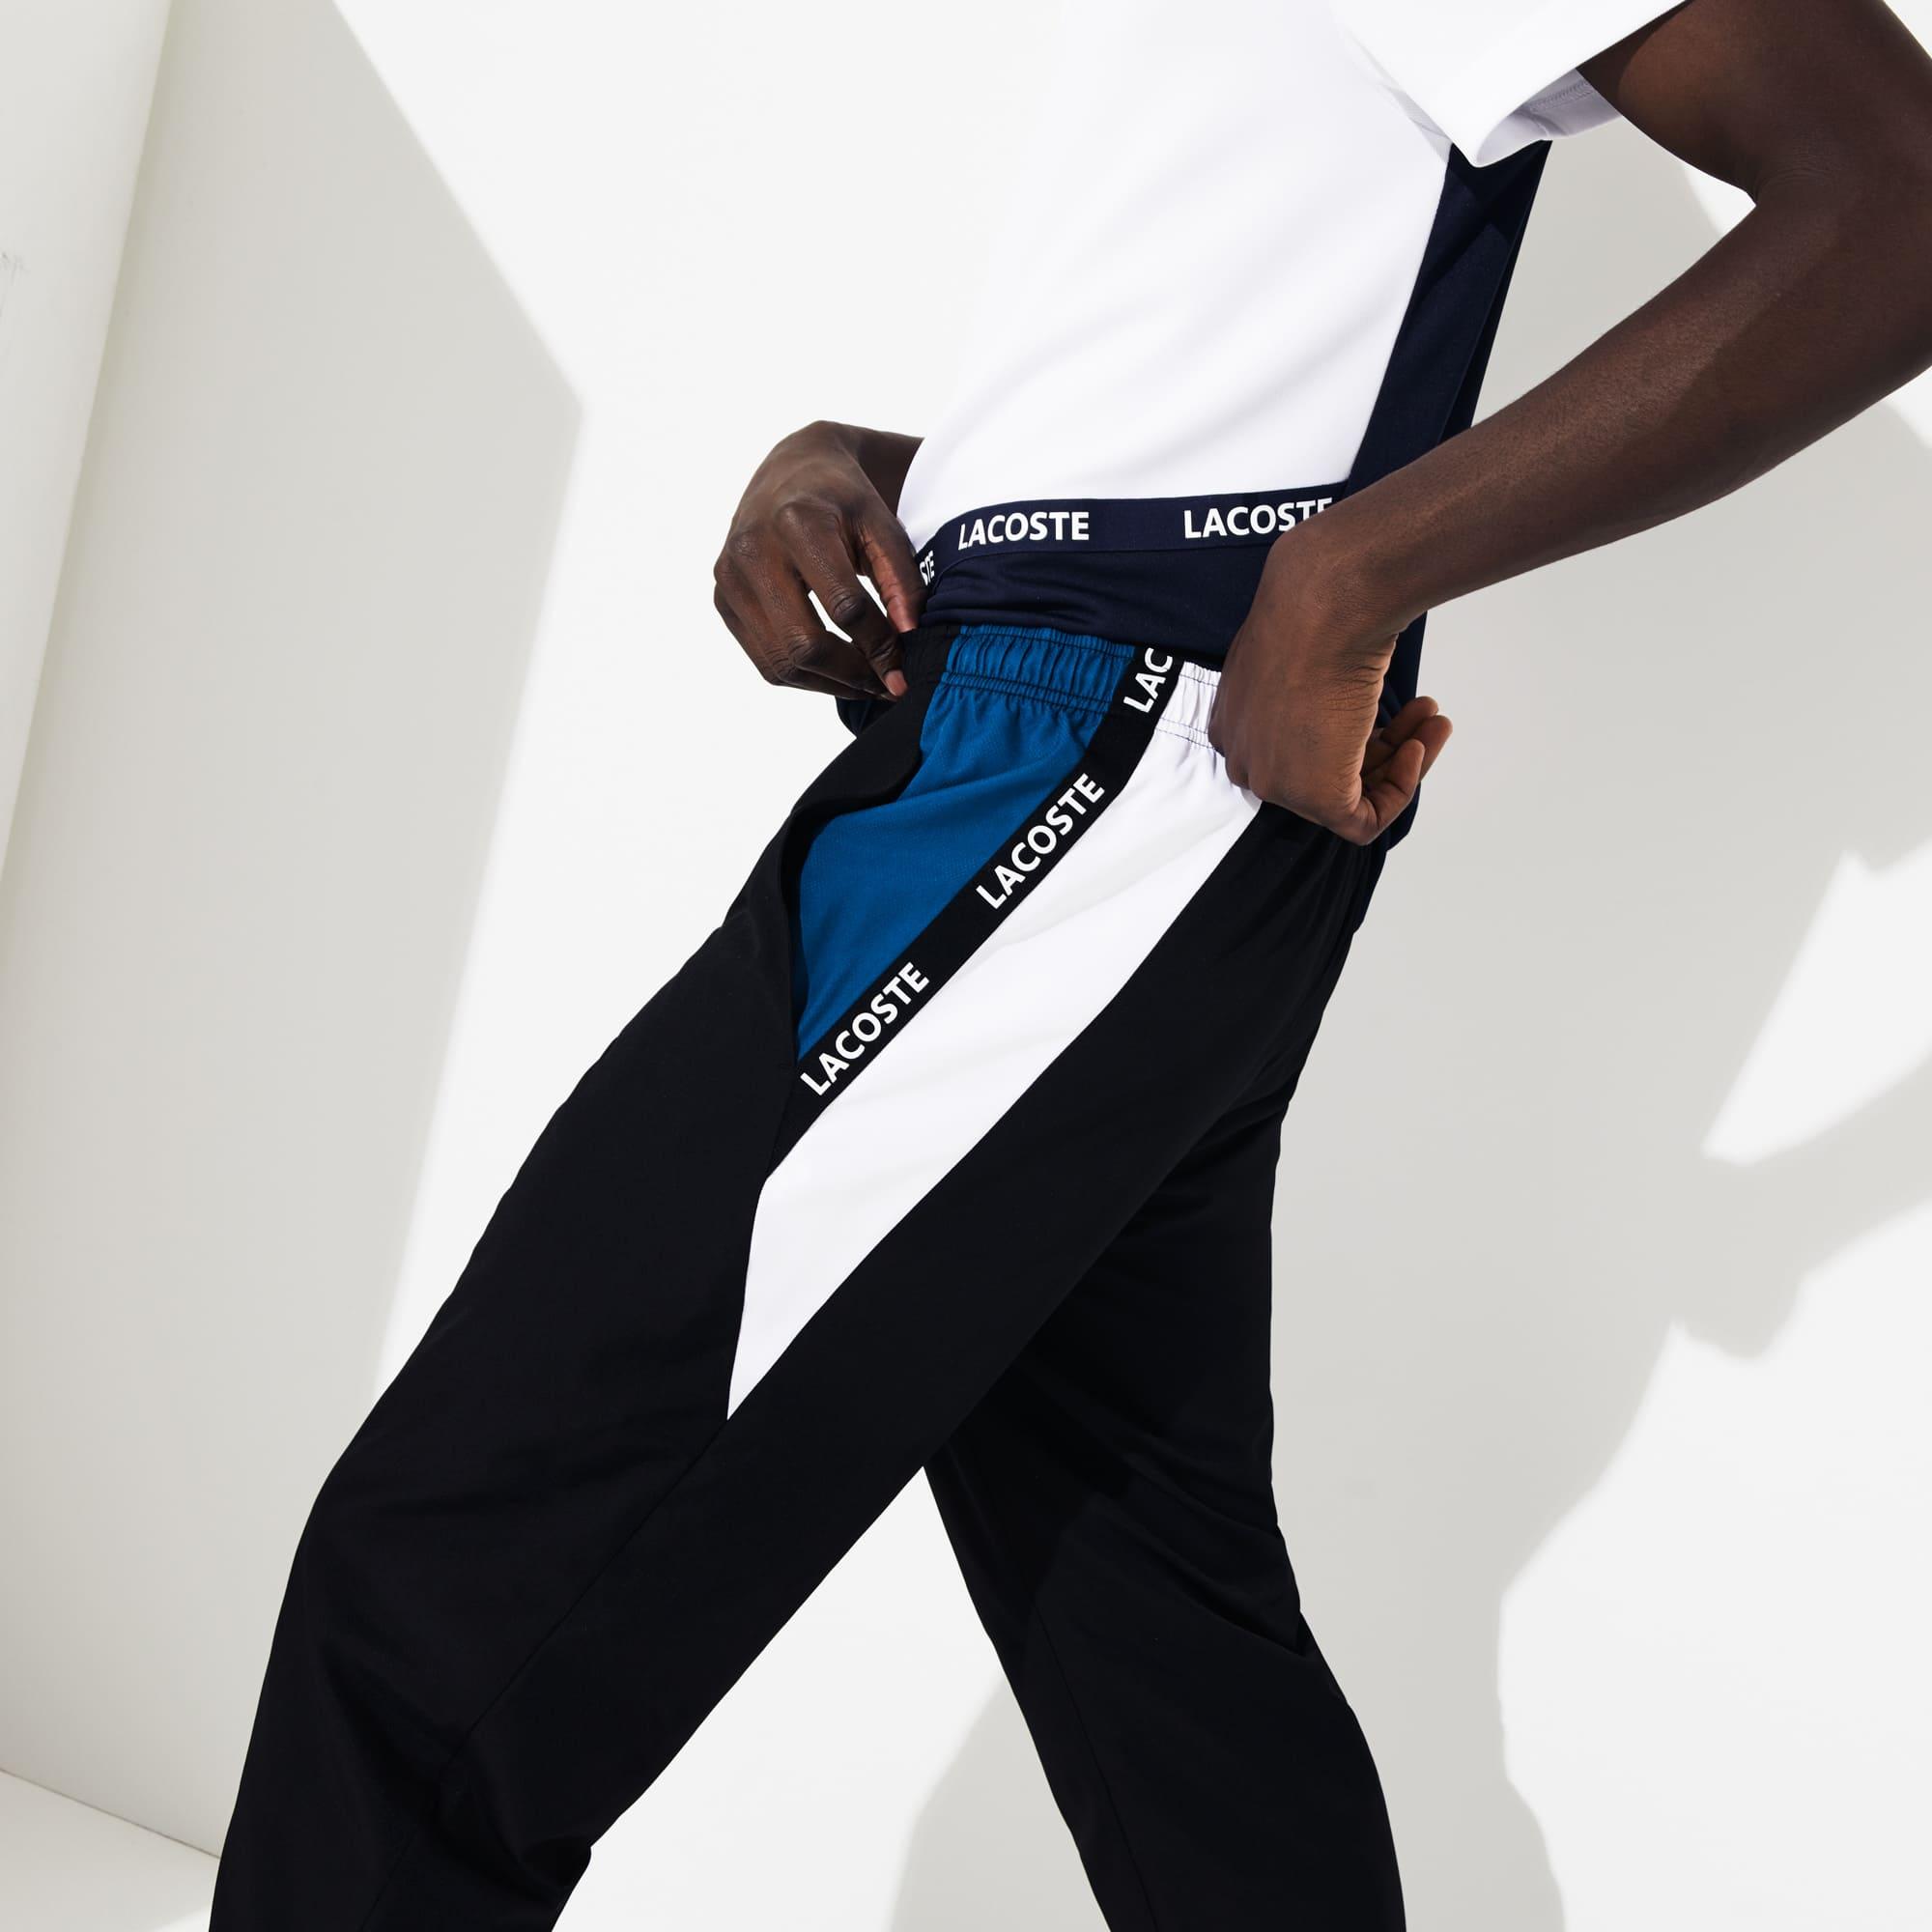 8ea4eba48983 + 3 couleurs. Nouveauté. Pantalon de survêtement Lacoste ...